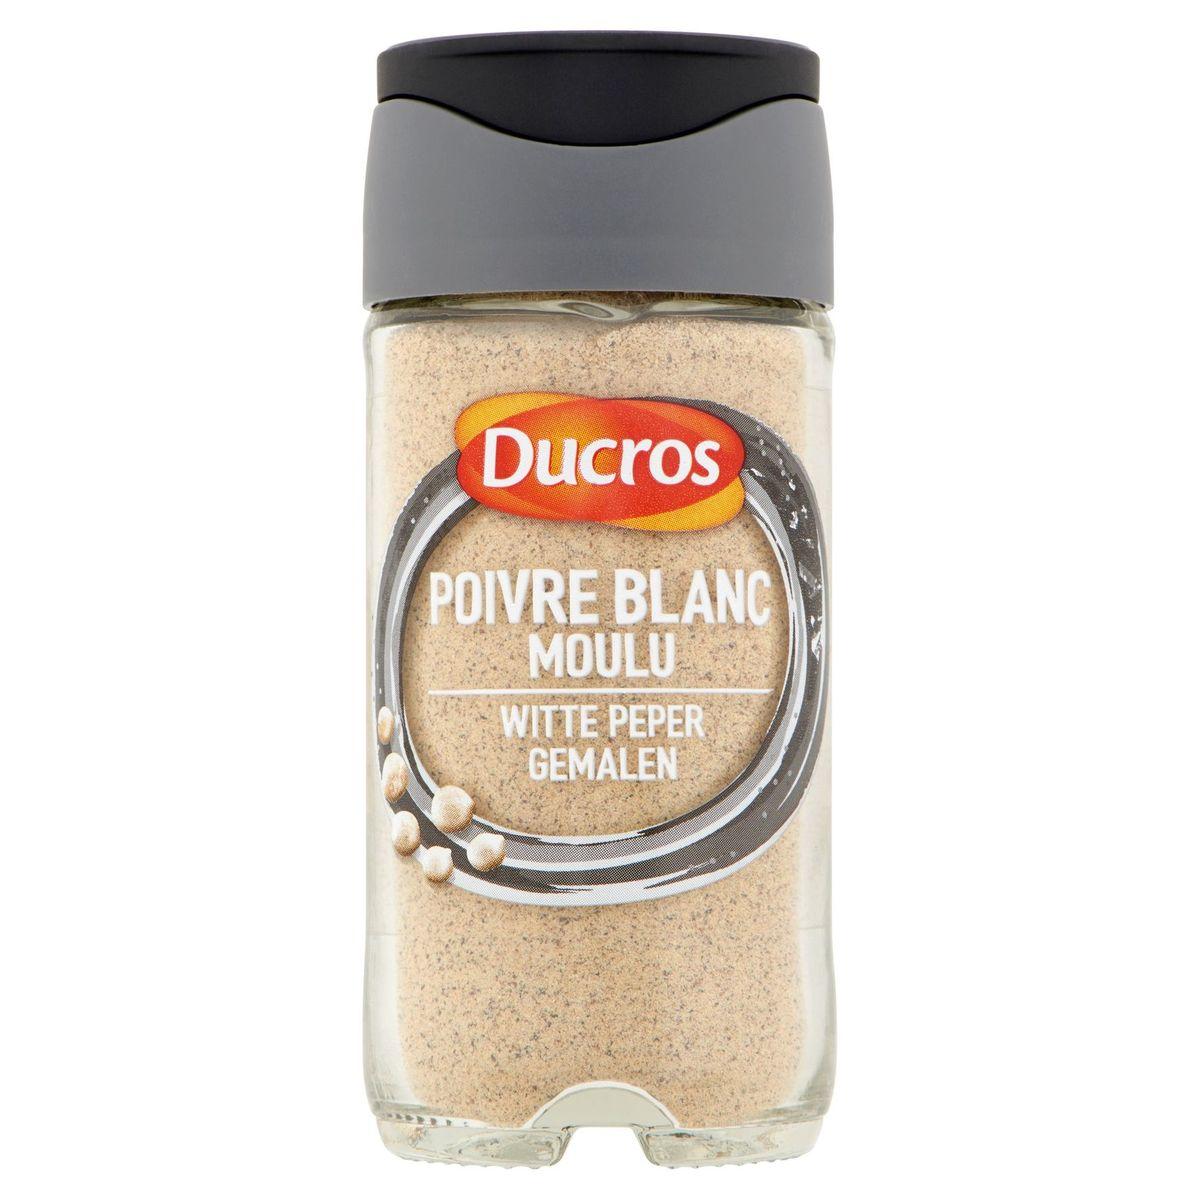 Ducros Witte Peper Gemalen 40 g